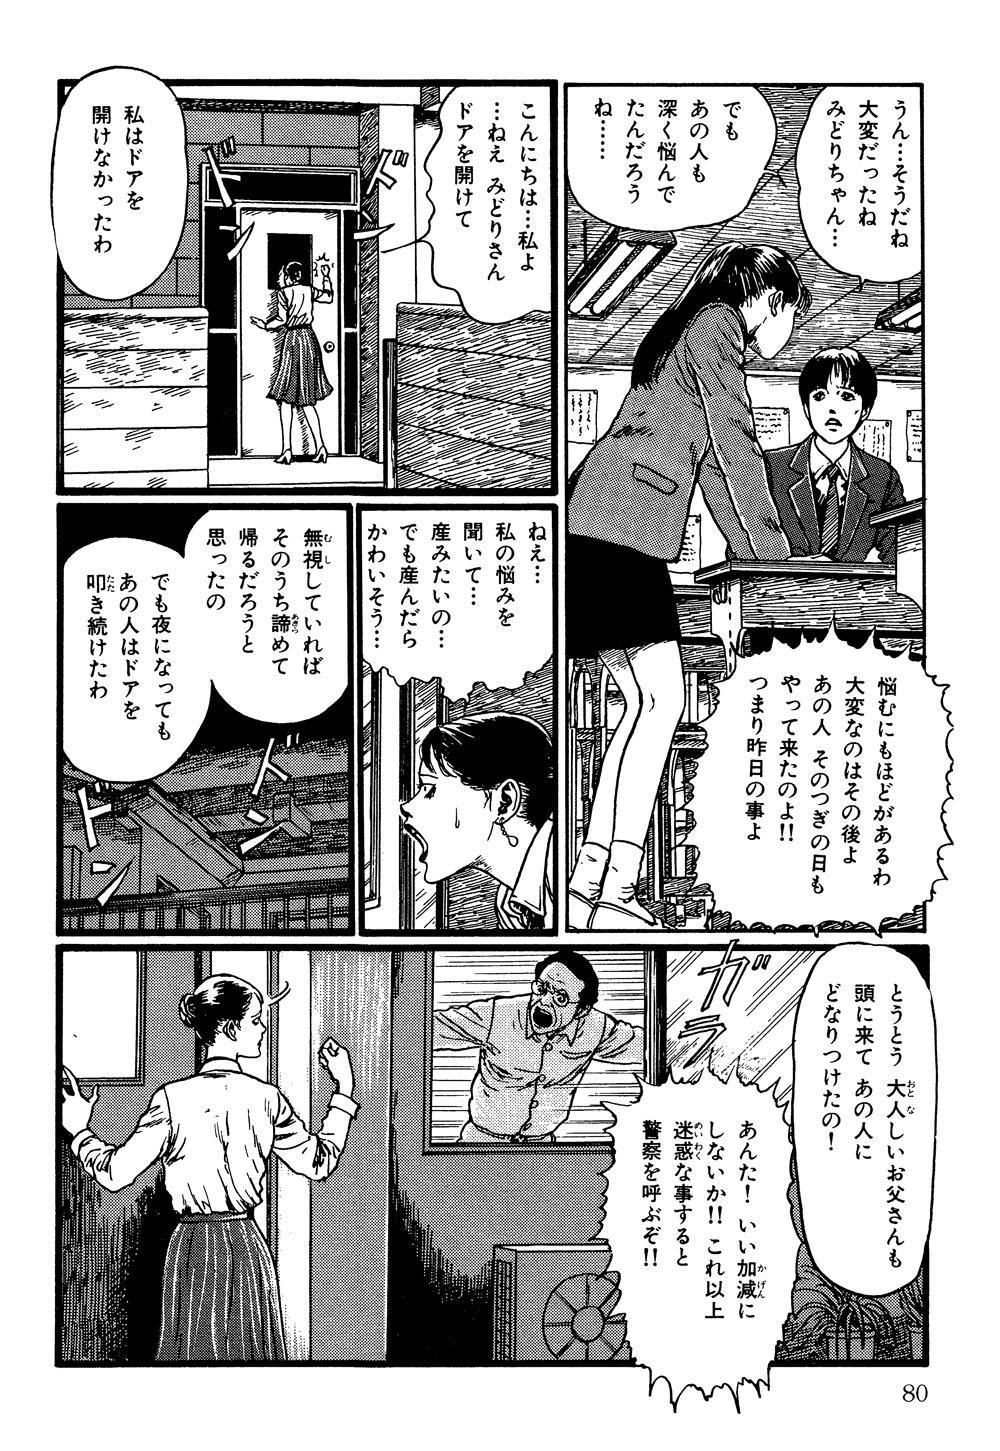 itouj_0004_0082.jpg